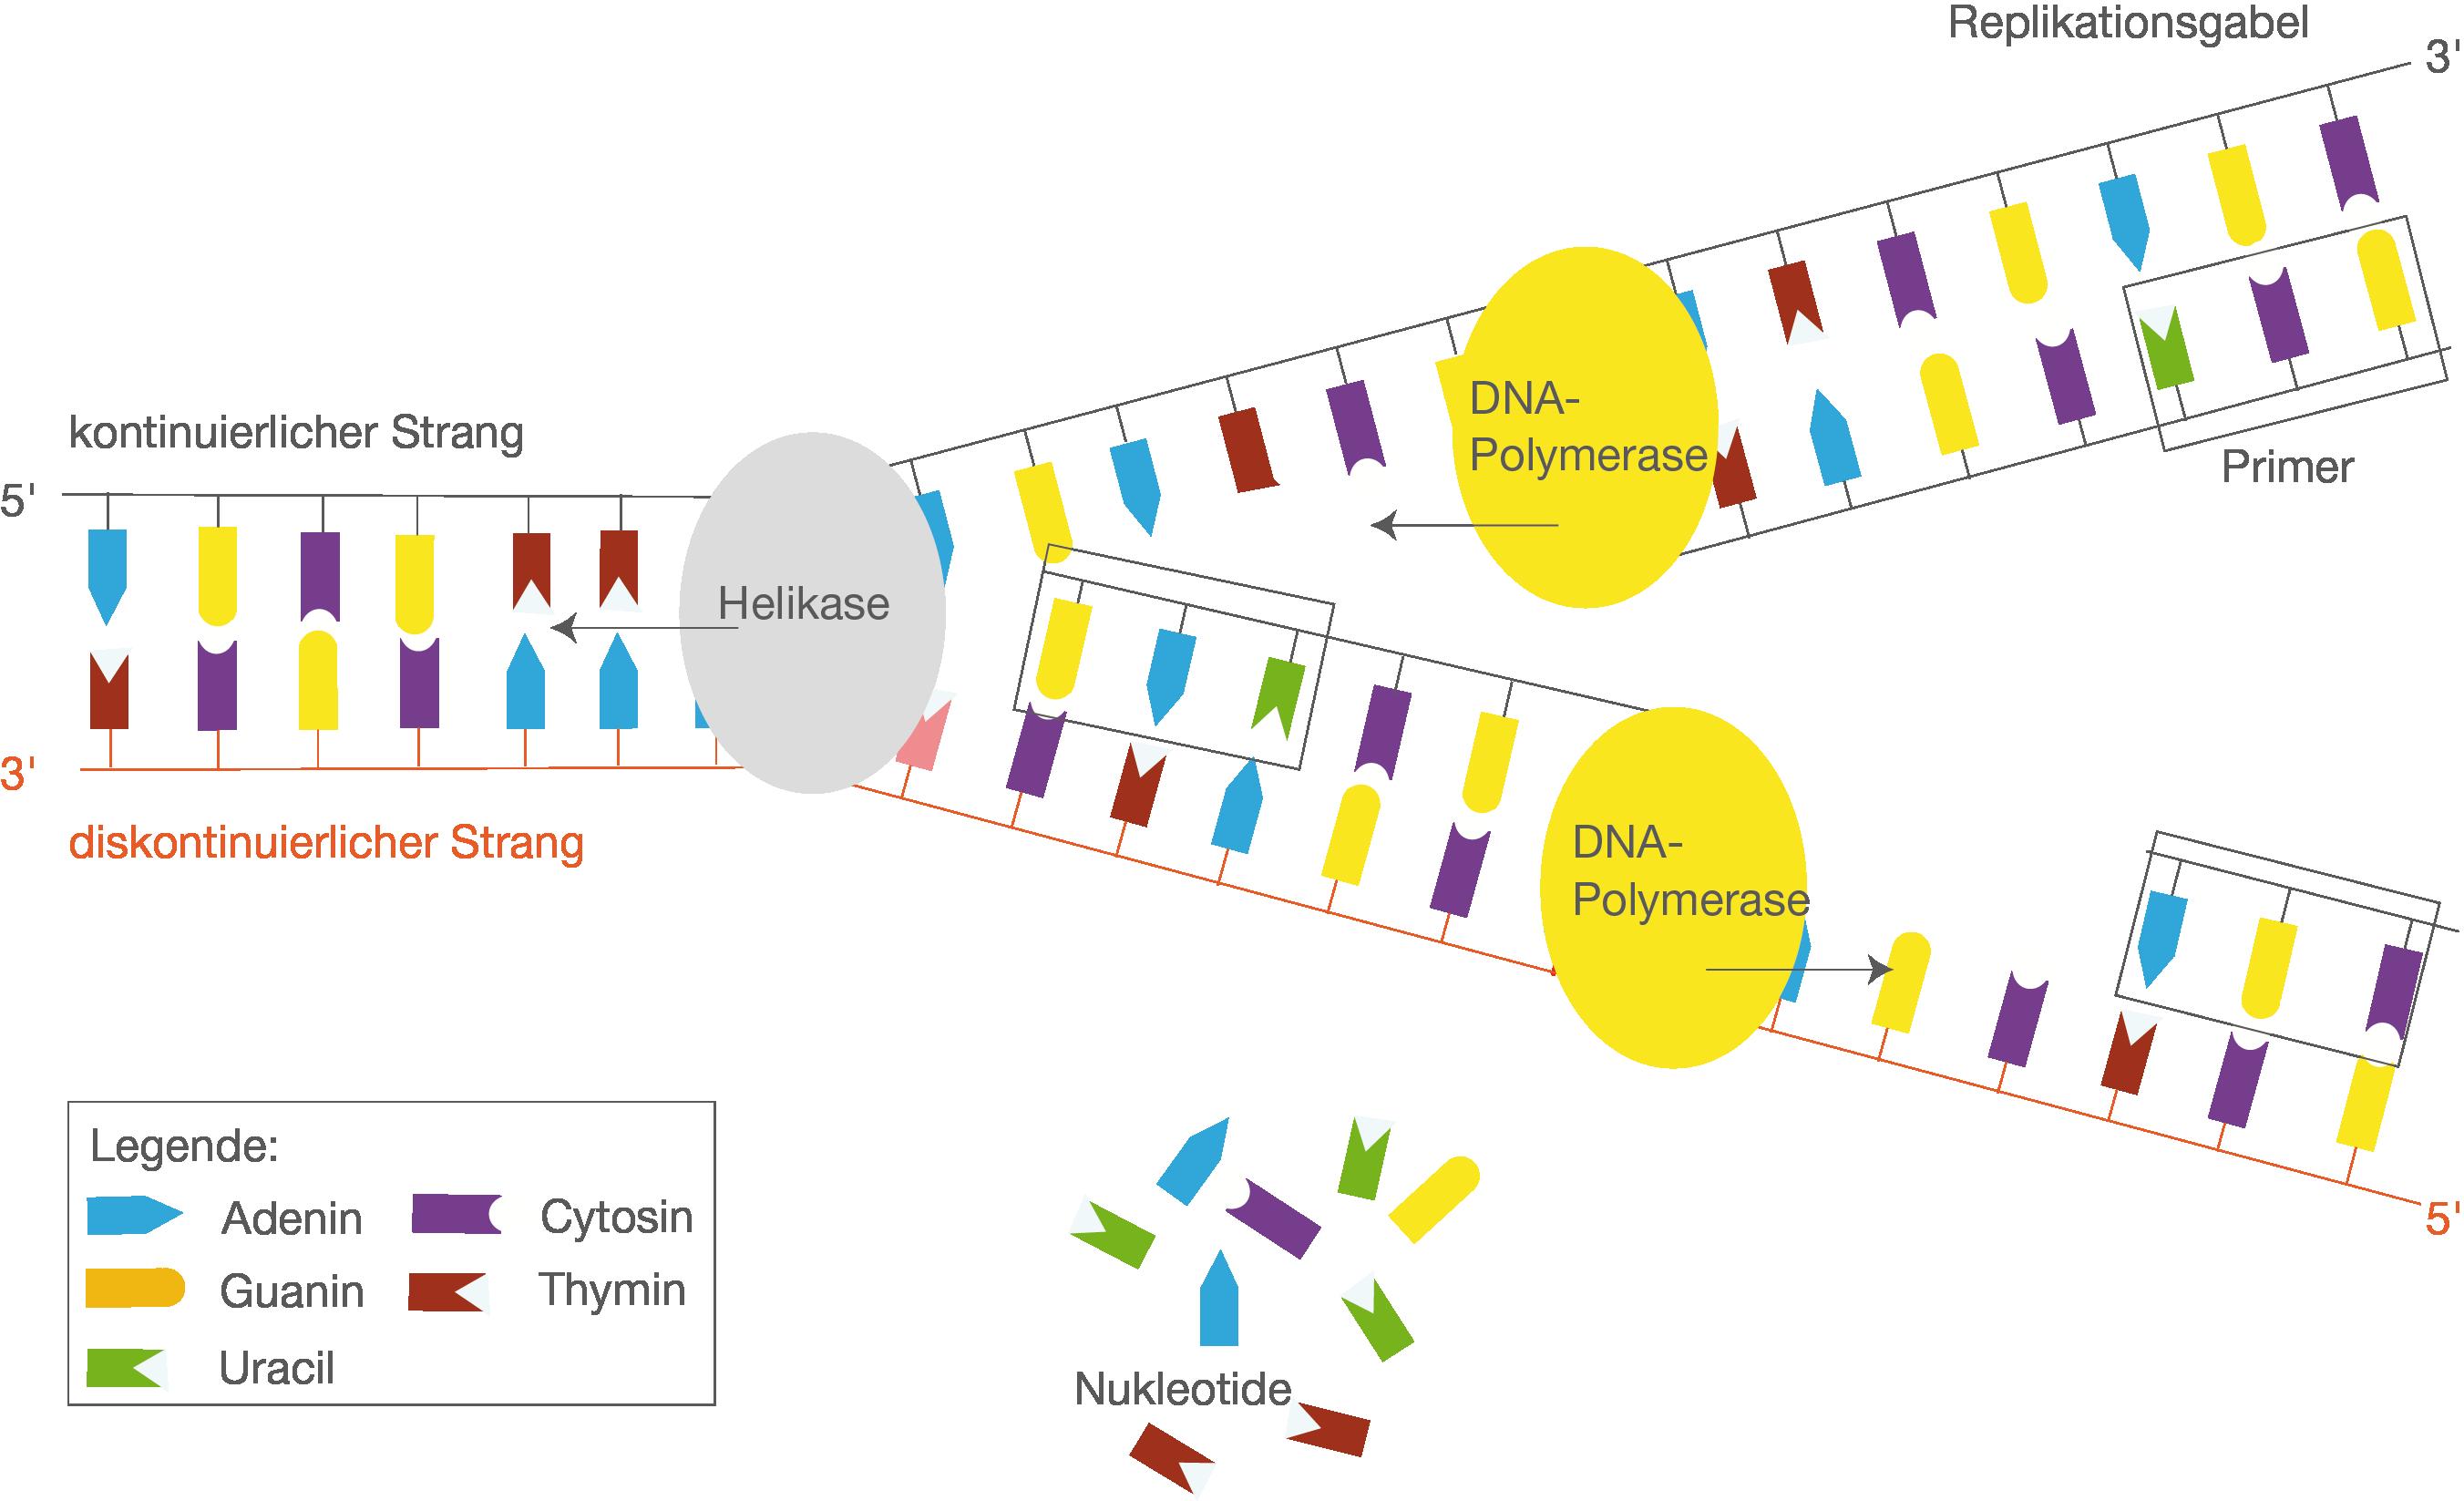 arbeitsblatt zur dna synthese und proteinsynthese sch n. Black Bedroom Furniture Sets. Home Design Ideas